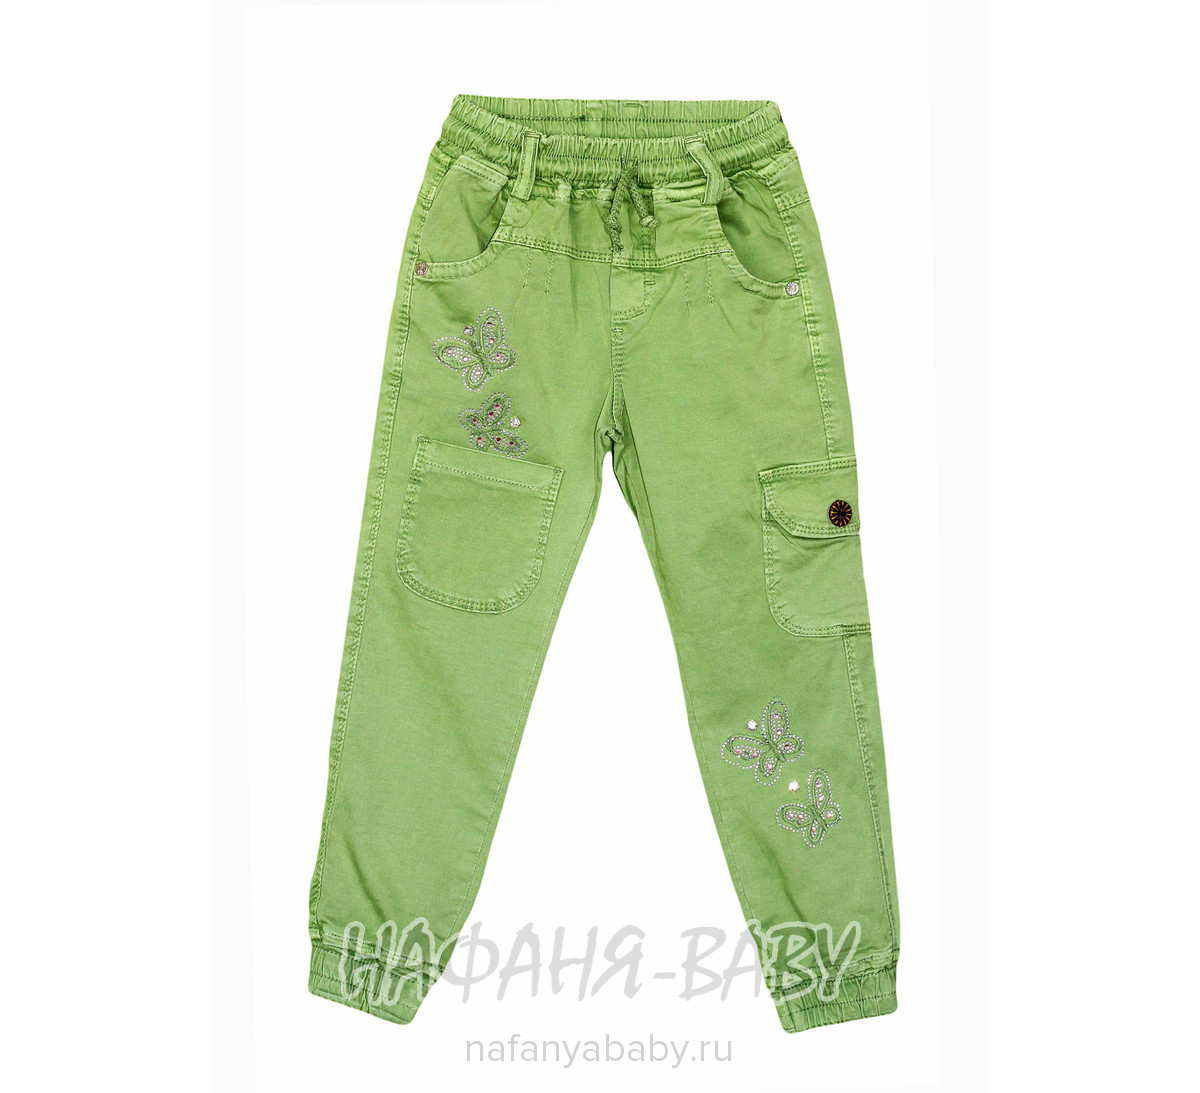 Детские брюки для девочки RIDAEN арт: 3179, 5-9 лет, оптом Турция